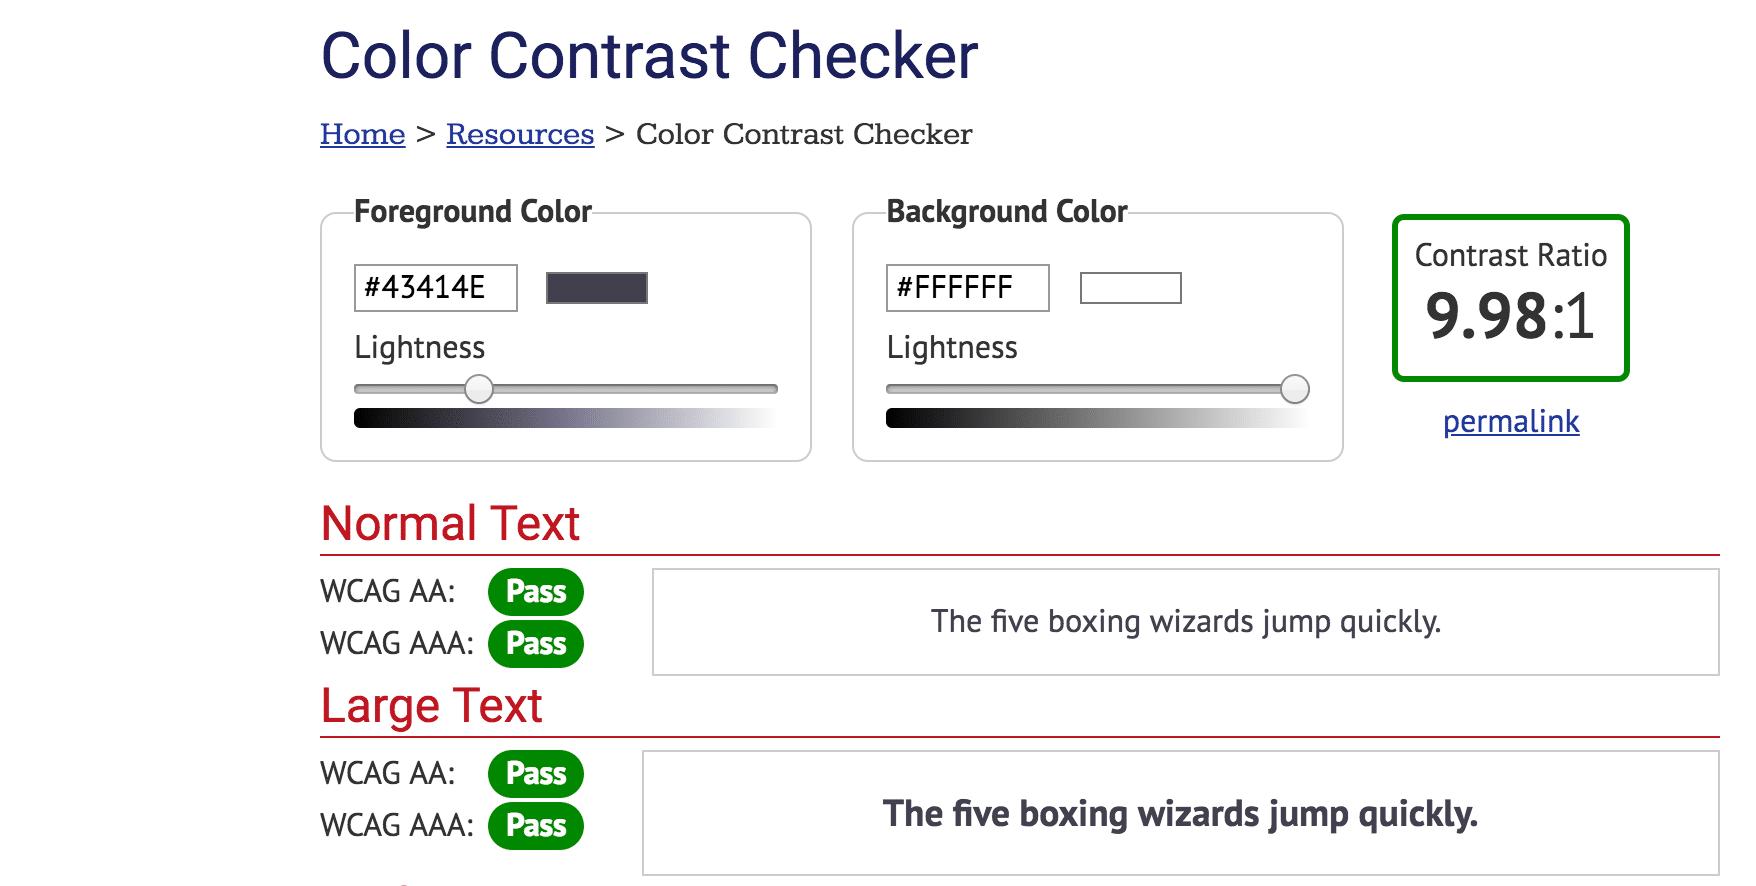 Strumento per la verifica del contrasto del colore